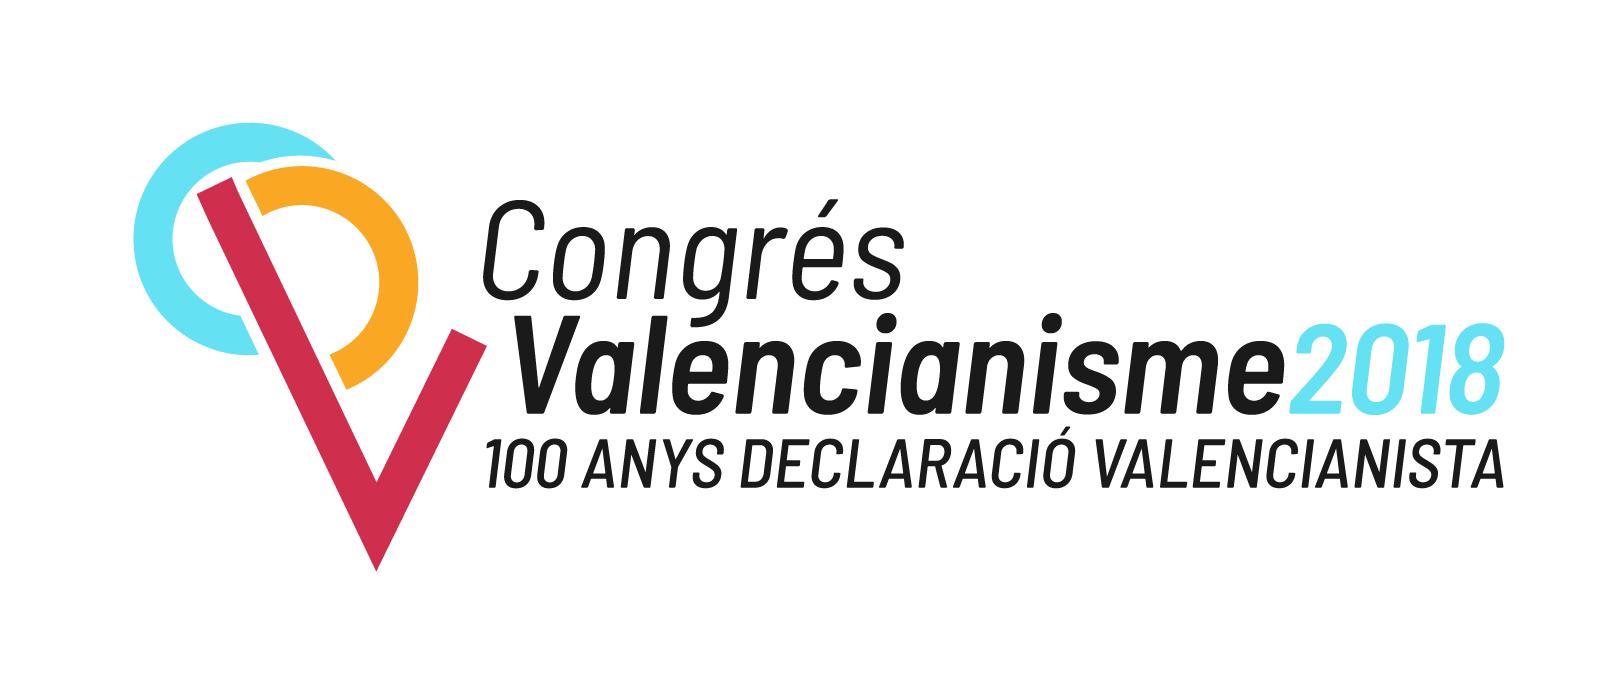 Congres Valencianisme 2018